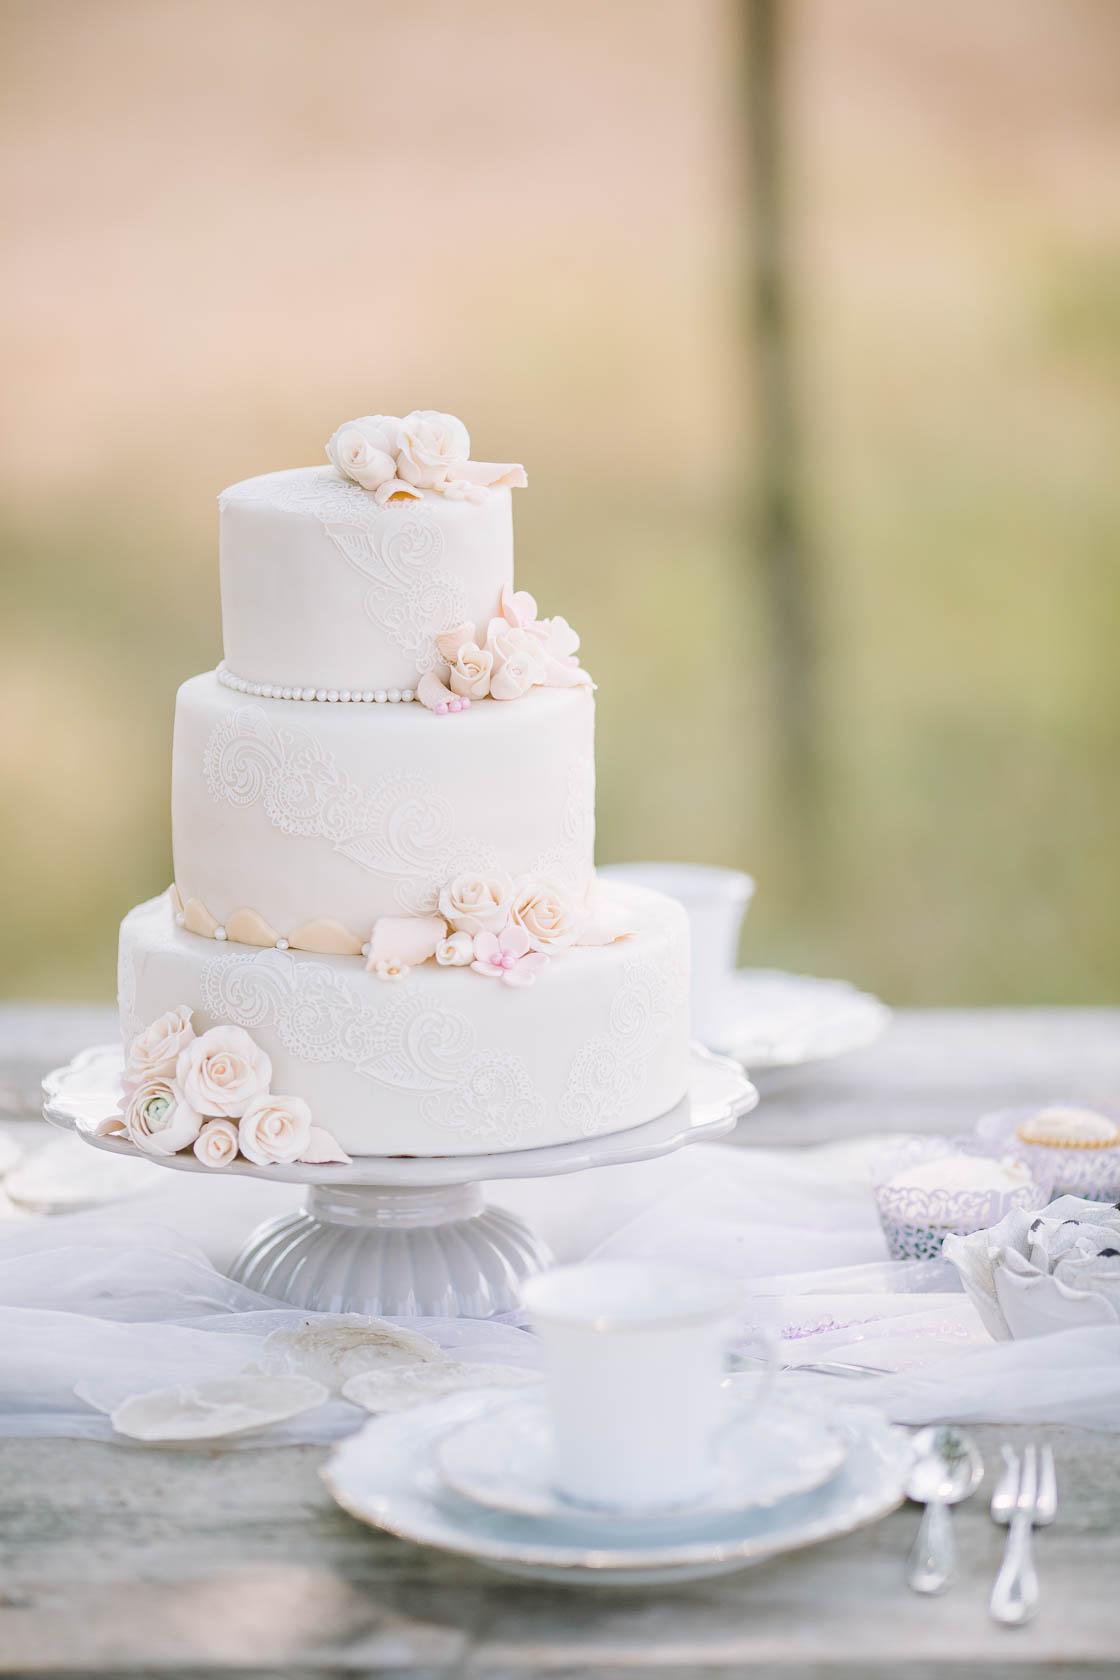 Styled Wedding Shoot Bridal Inspiration DIY und Pastell Traumhafte Hochzeitstorte